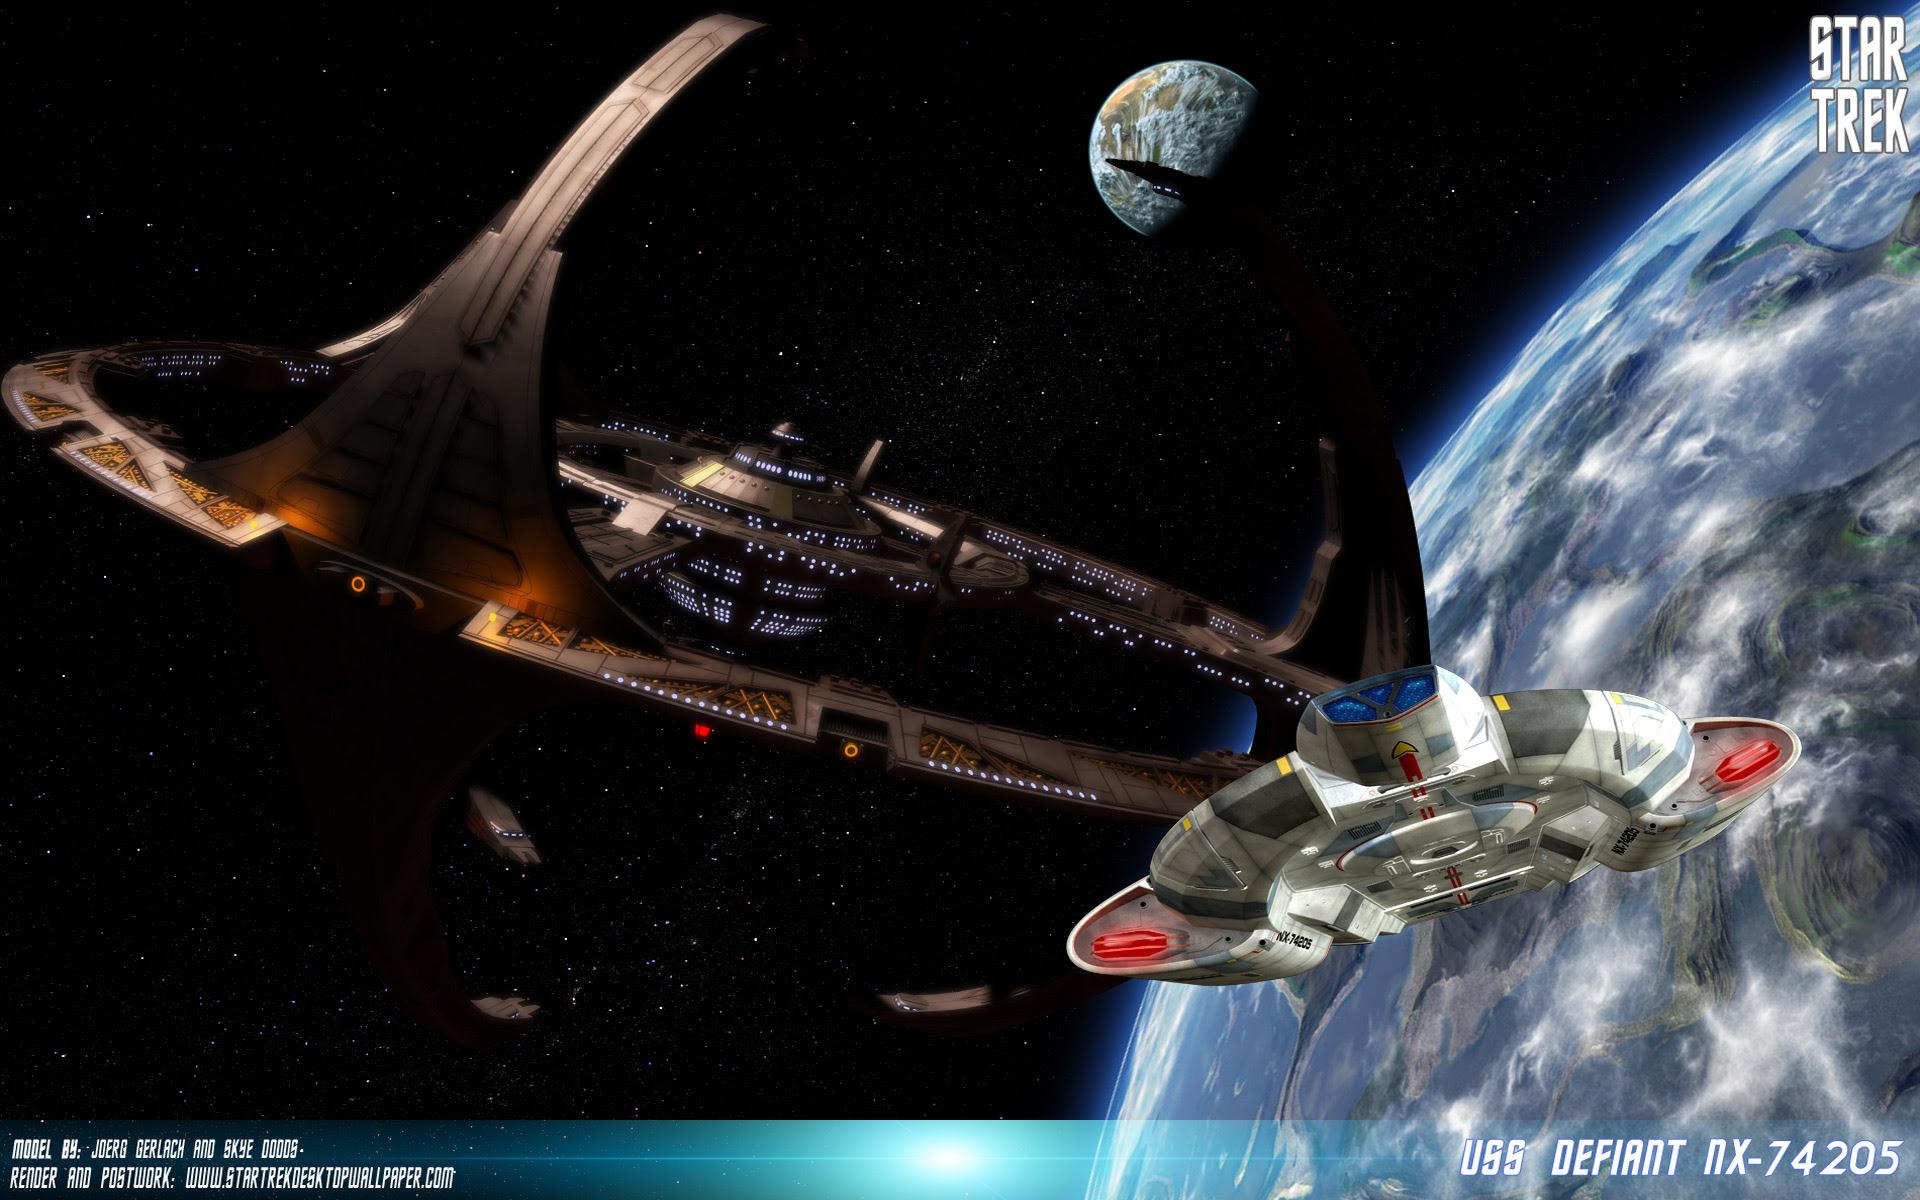 8 Star Trek: Deep Space Nine Wallpapers | Star Trek: Deep Space